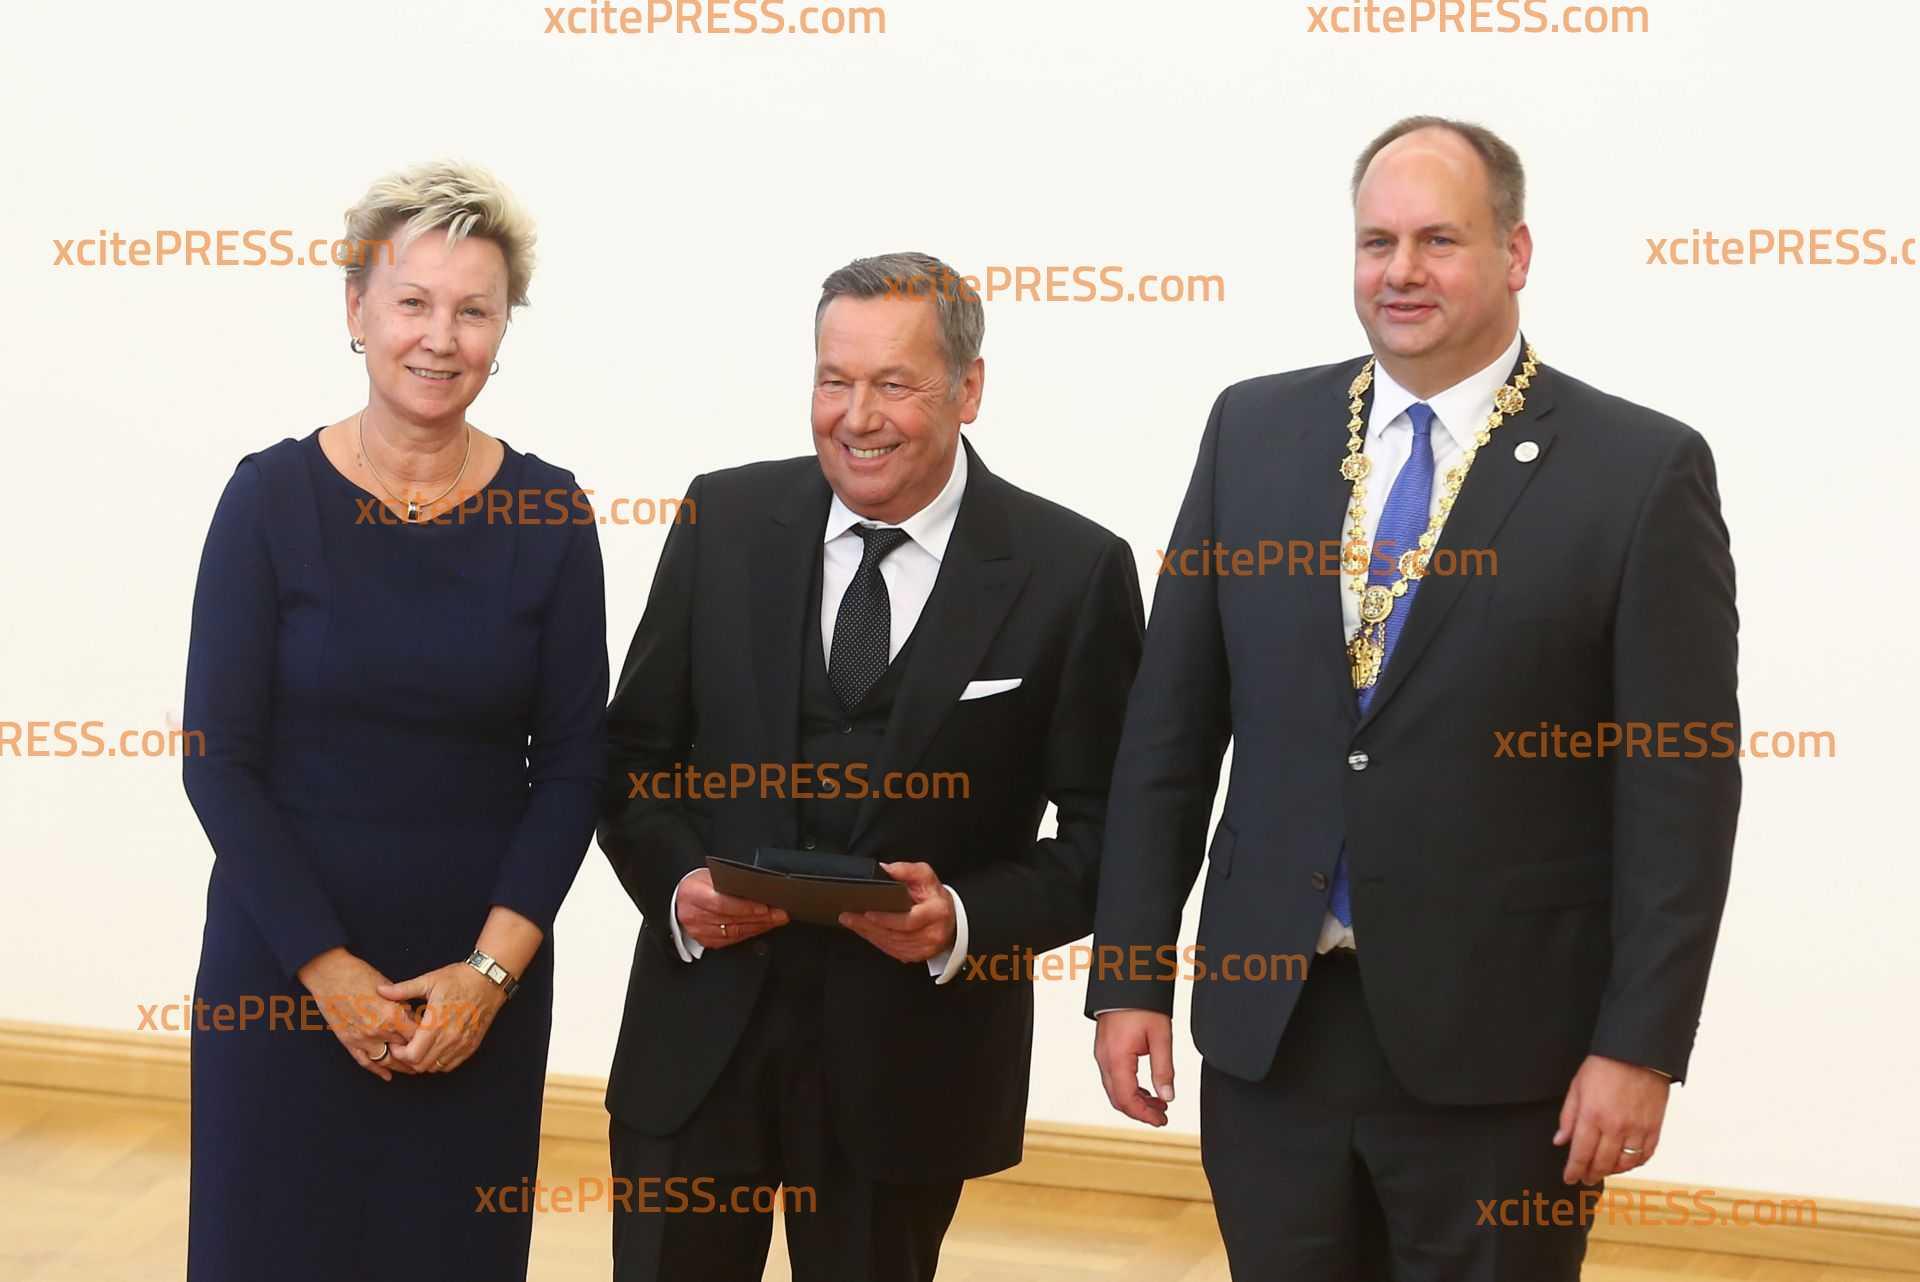 Ehrenmedaille für u.a. Roland Kaiser: Schlagerstar erhält Anerkennung u.a. für Zuschauerrekorde bei Konzerten am Elbufer